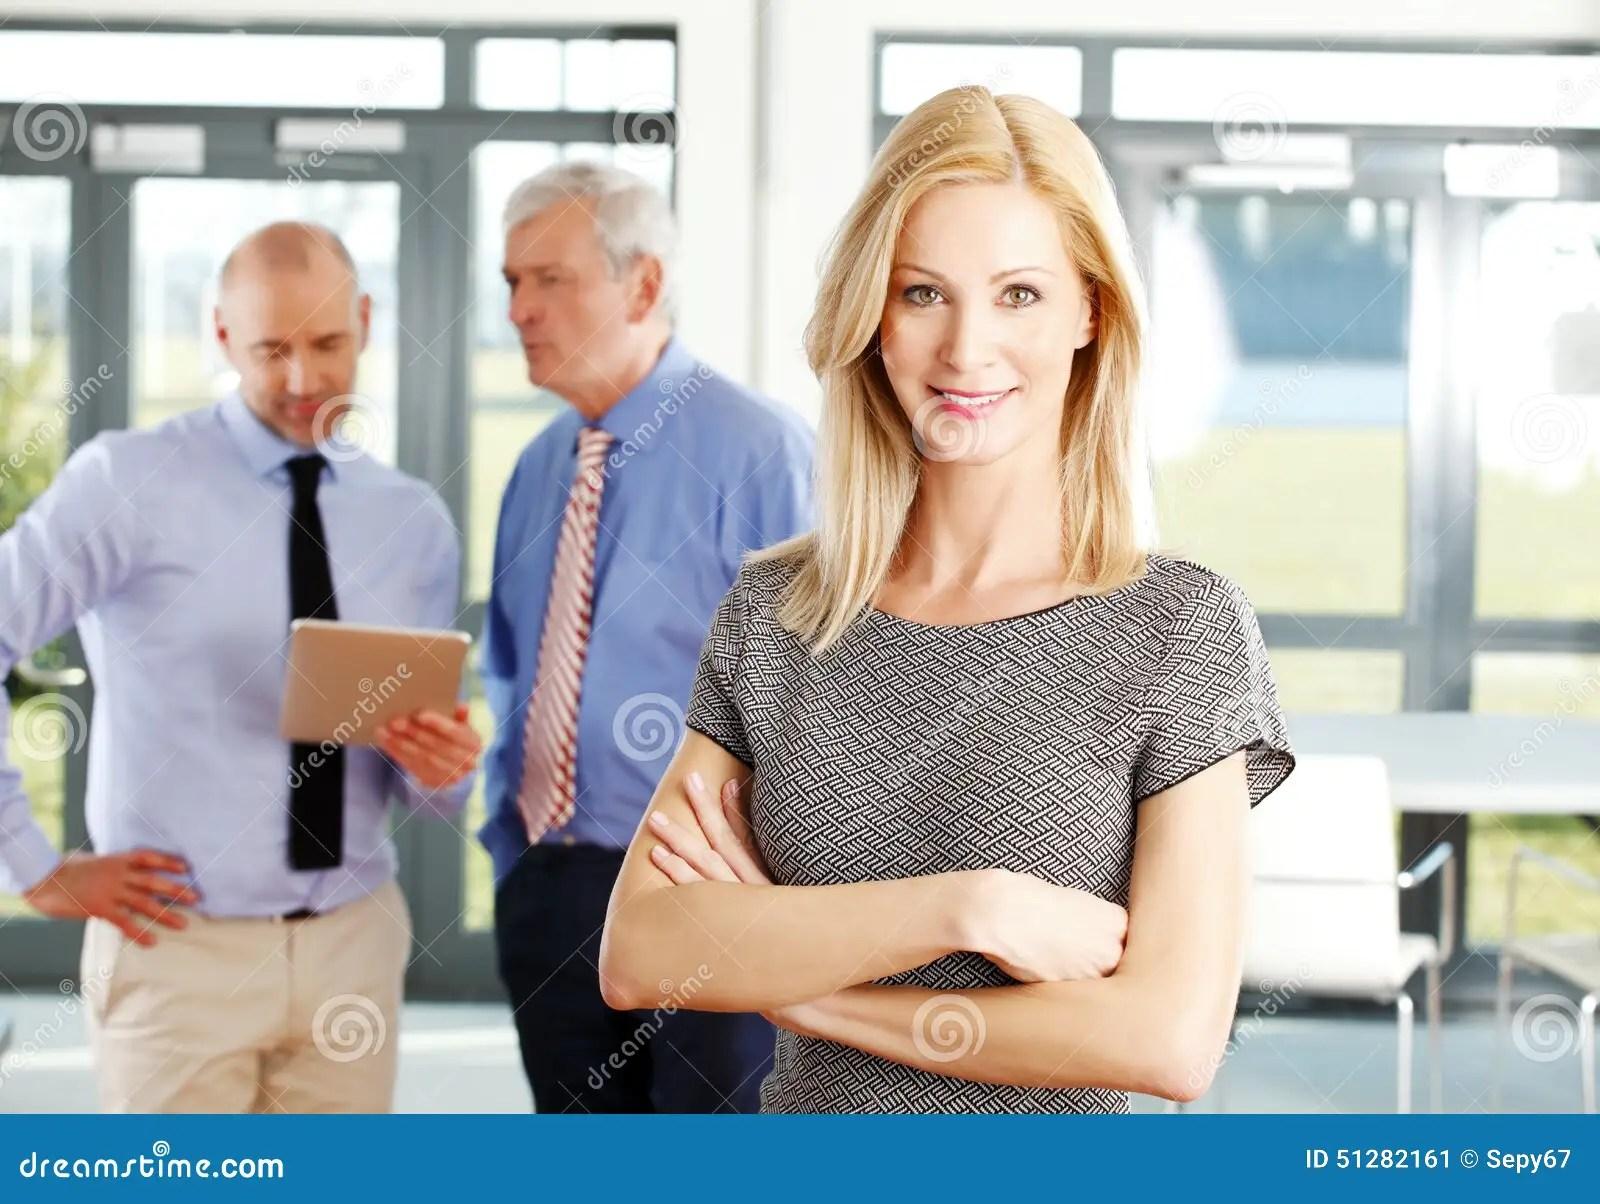 sales woman portrait stock